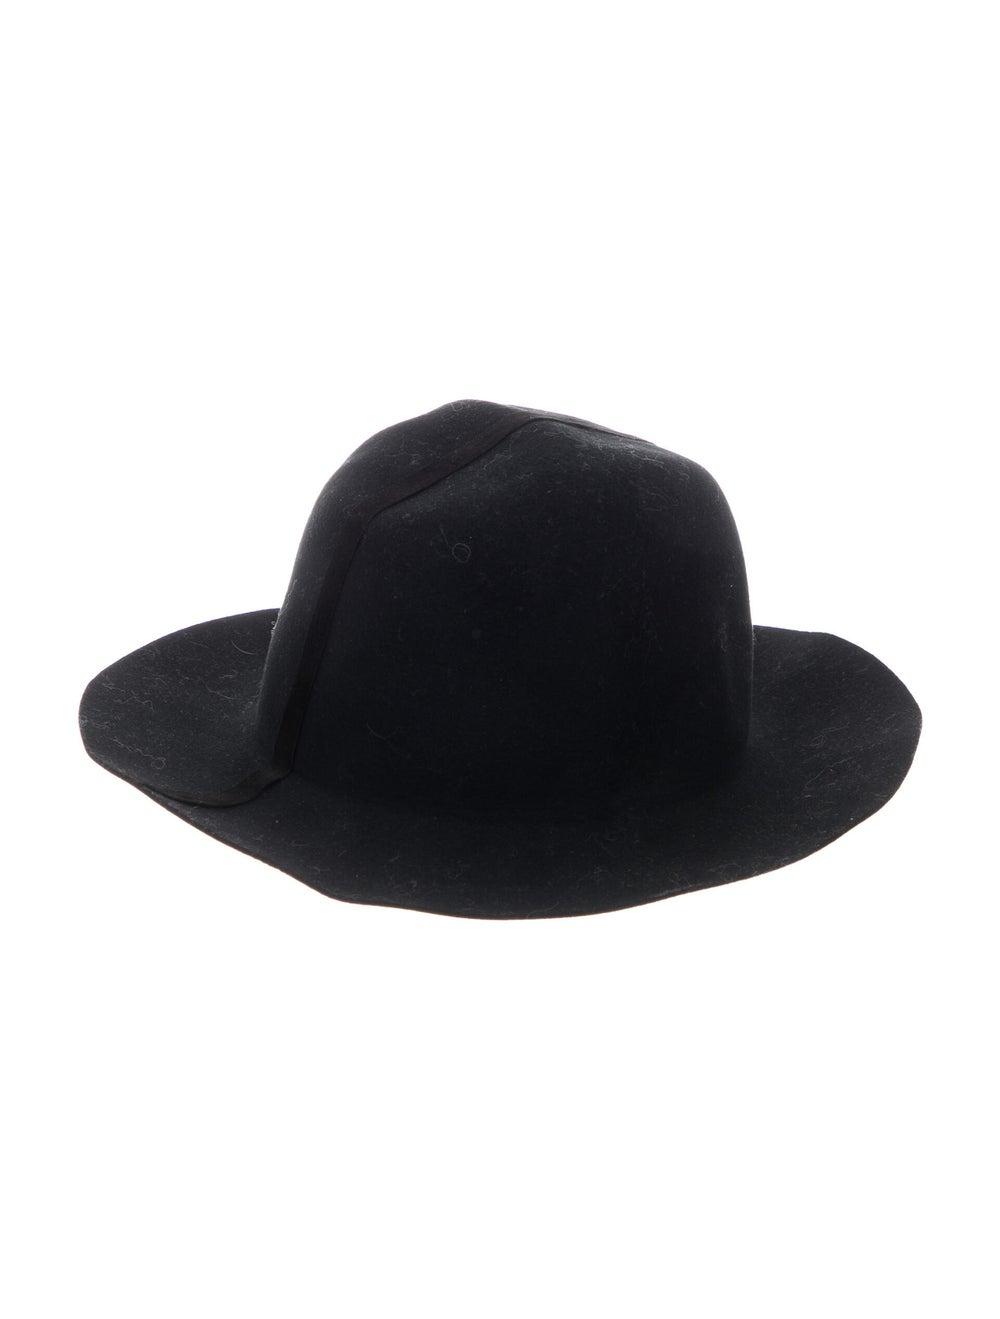 Janessa Leone Wool Wide Brim Hat Black - image 2